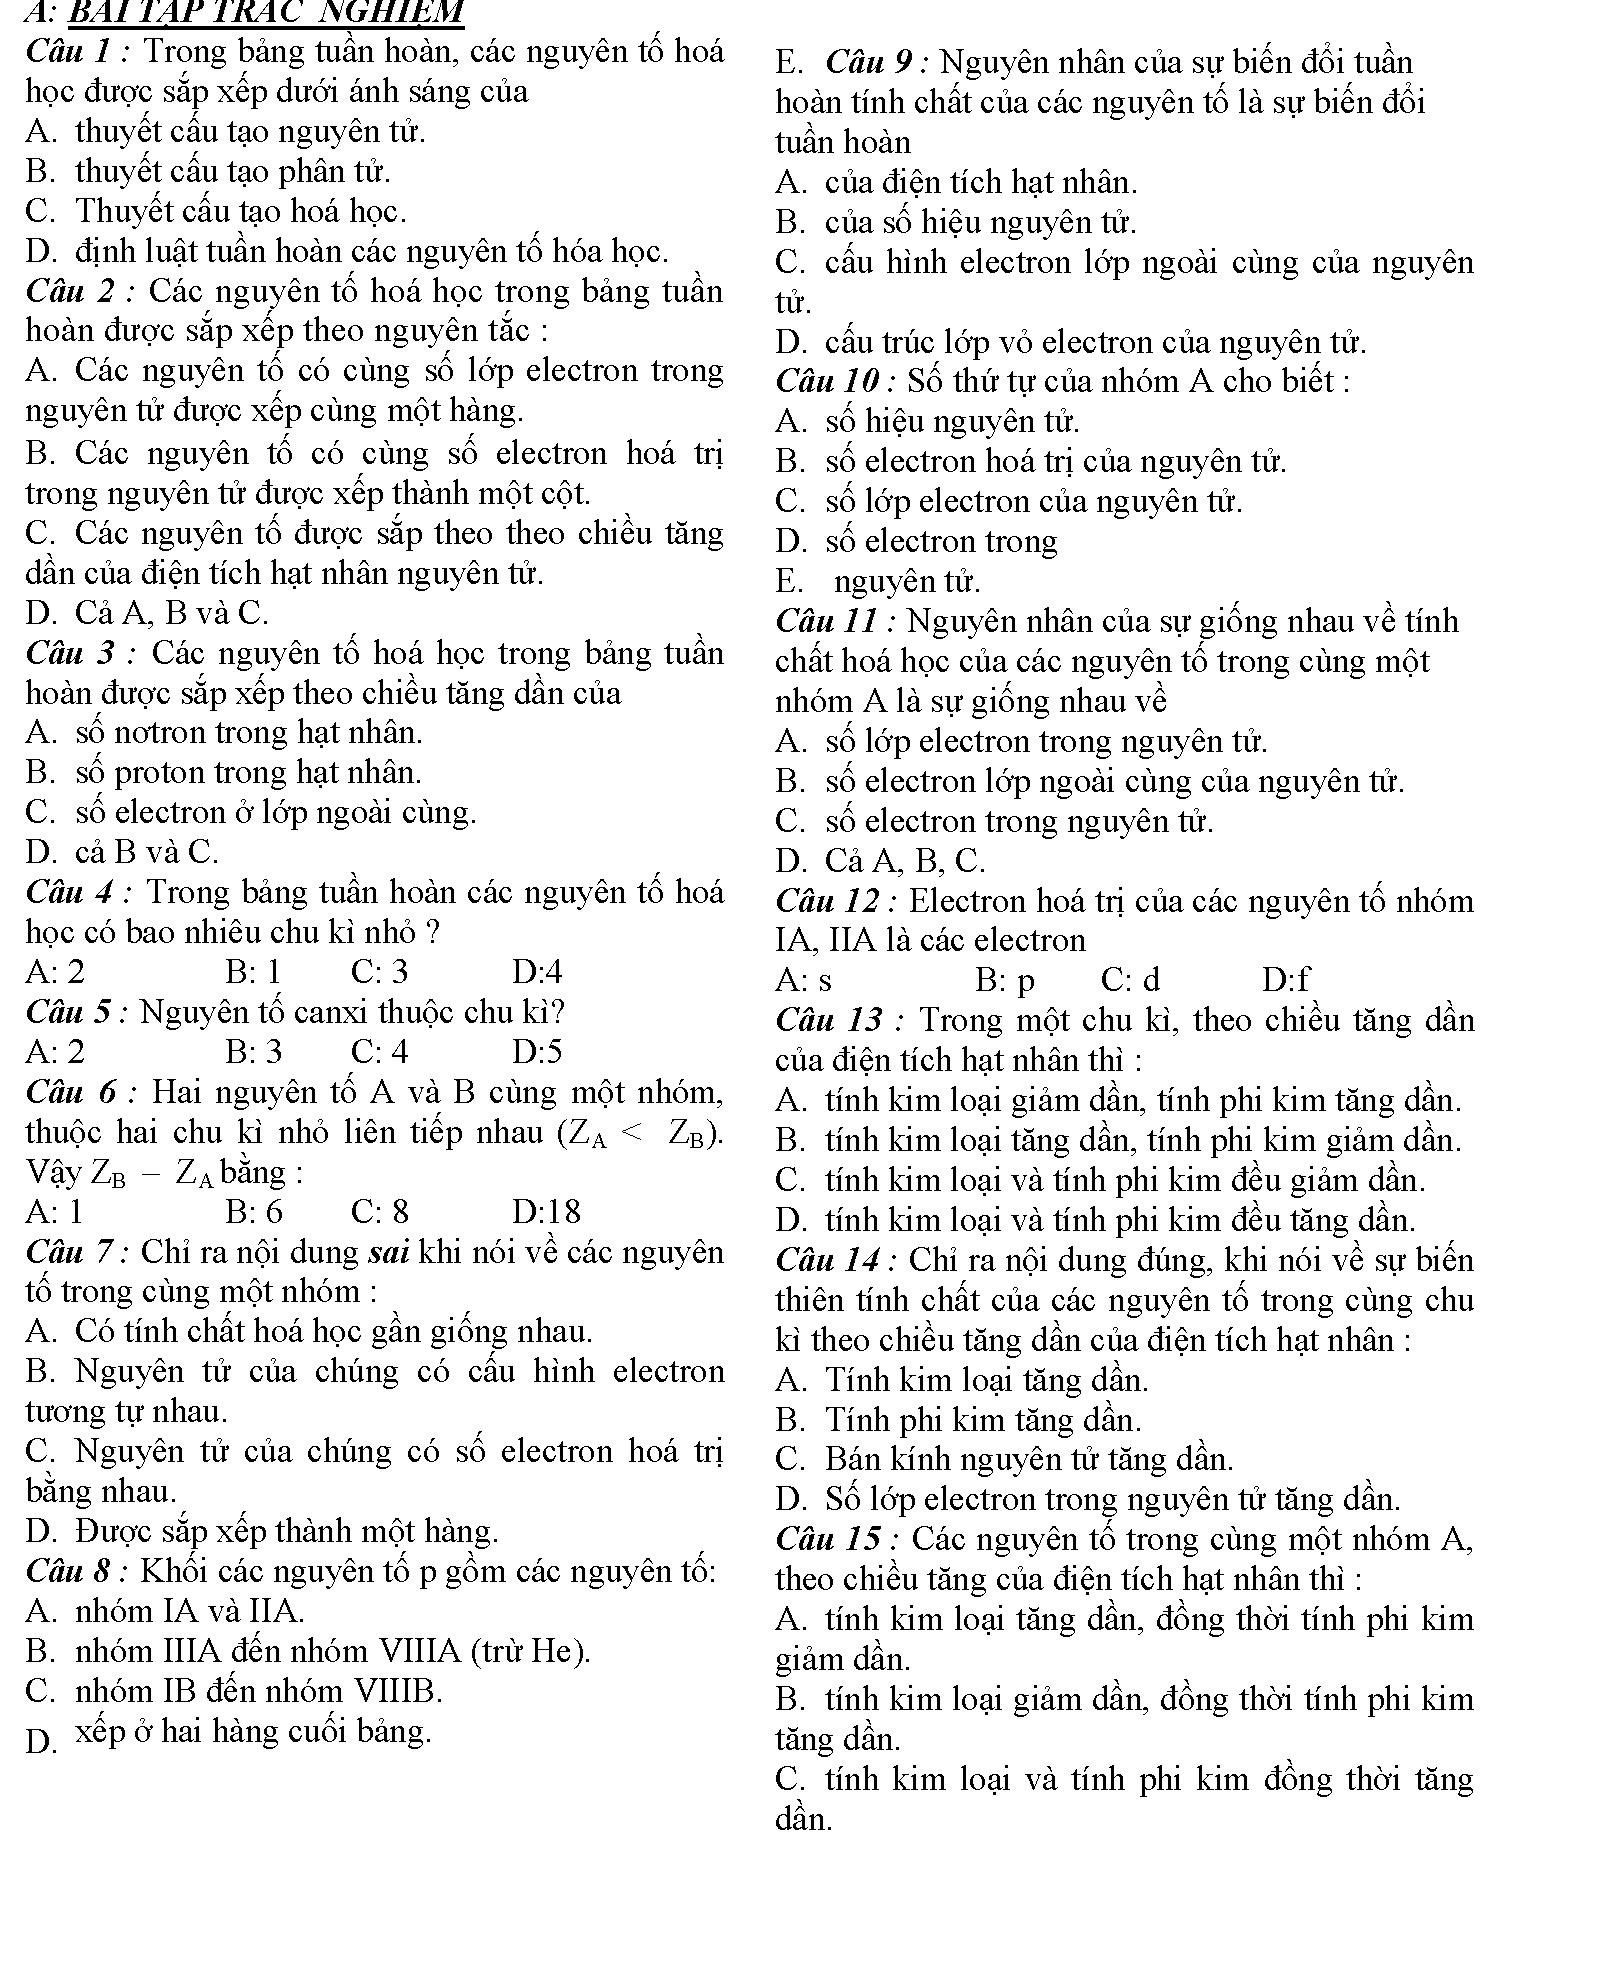 bài tập về ý nghĩa bảng tuần hoàn